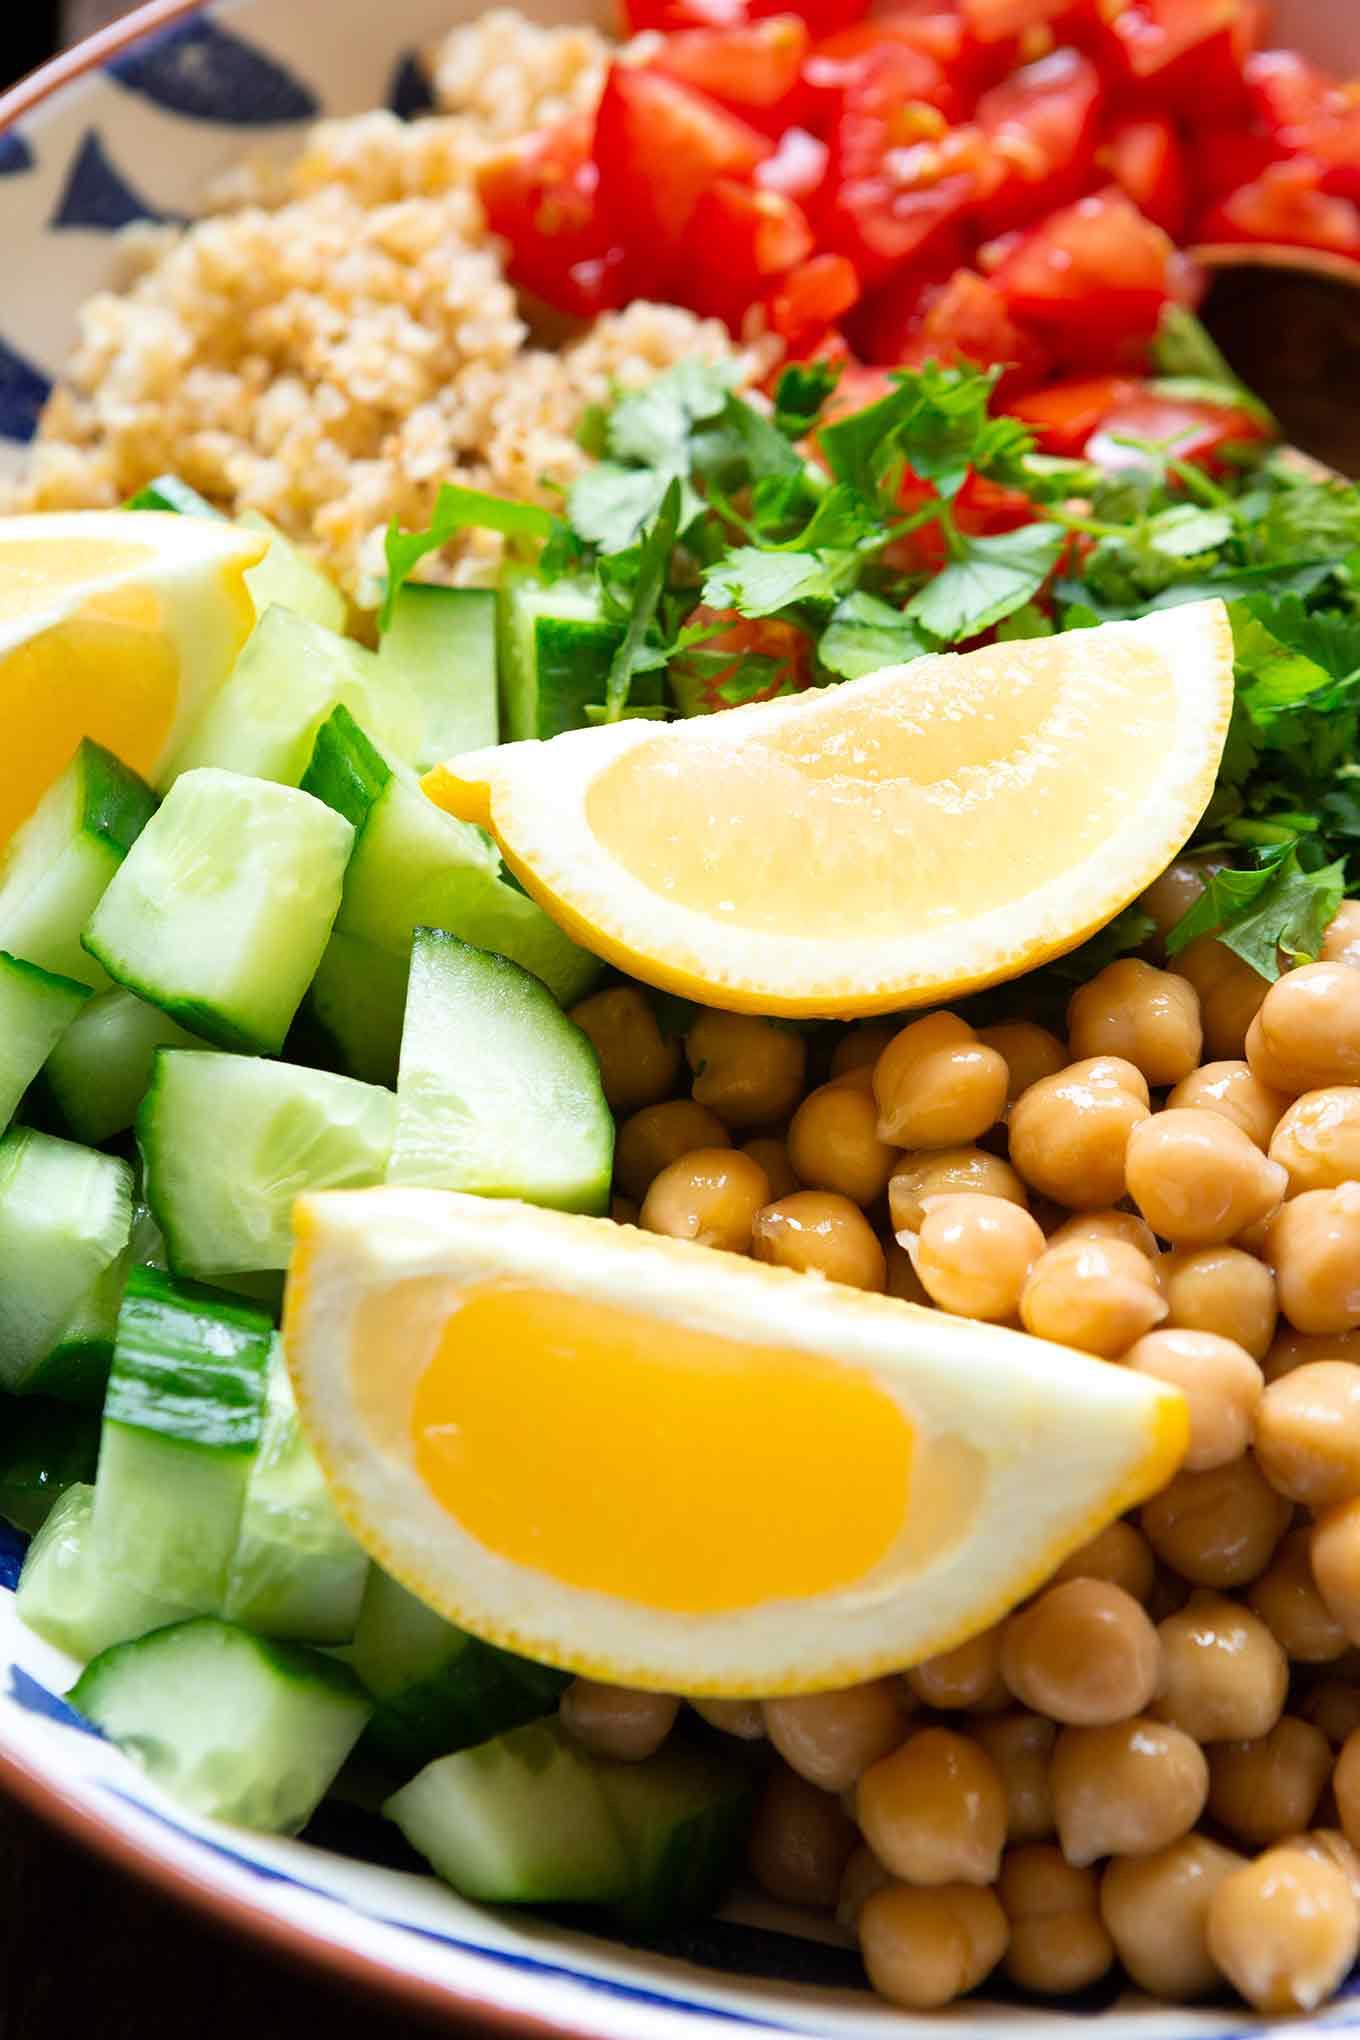 Schneller Falafelsalat ohne Frittieren, Formen und Co! Dieses einfache Rezept ist ein frisches, gesundes und verdammt leckeres Gericht für Tage, an denen es schnell gehen muss. - Kochkarussell.com #falafel #salat #rezept #gesund #schnellundeinfach #kochkarussell